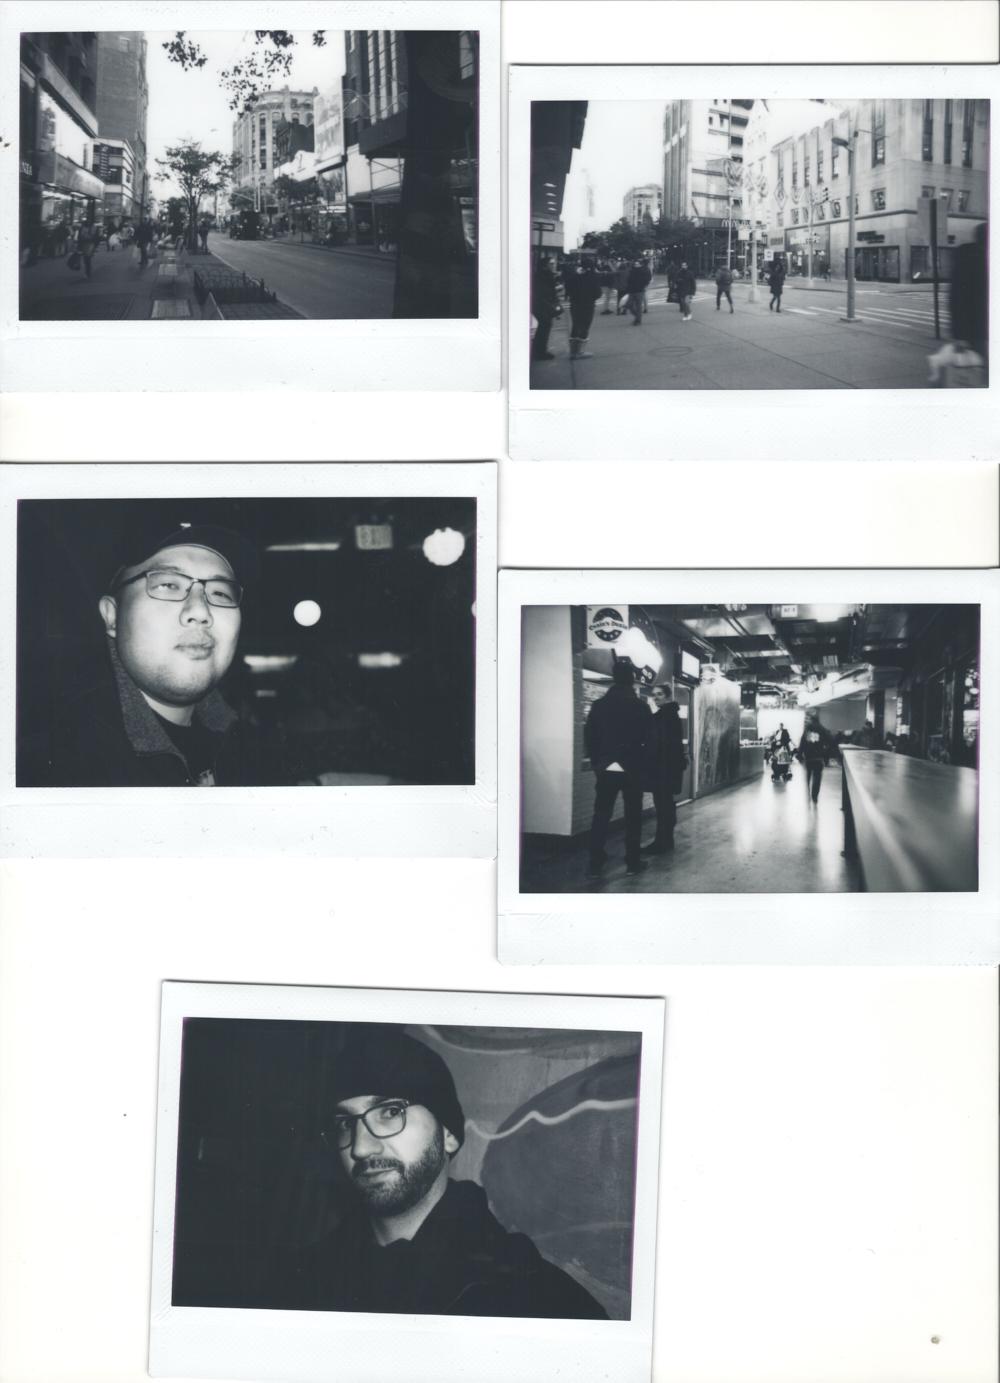 Instant Film Review Fujifilm Instax Wide Monochrome